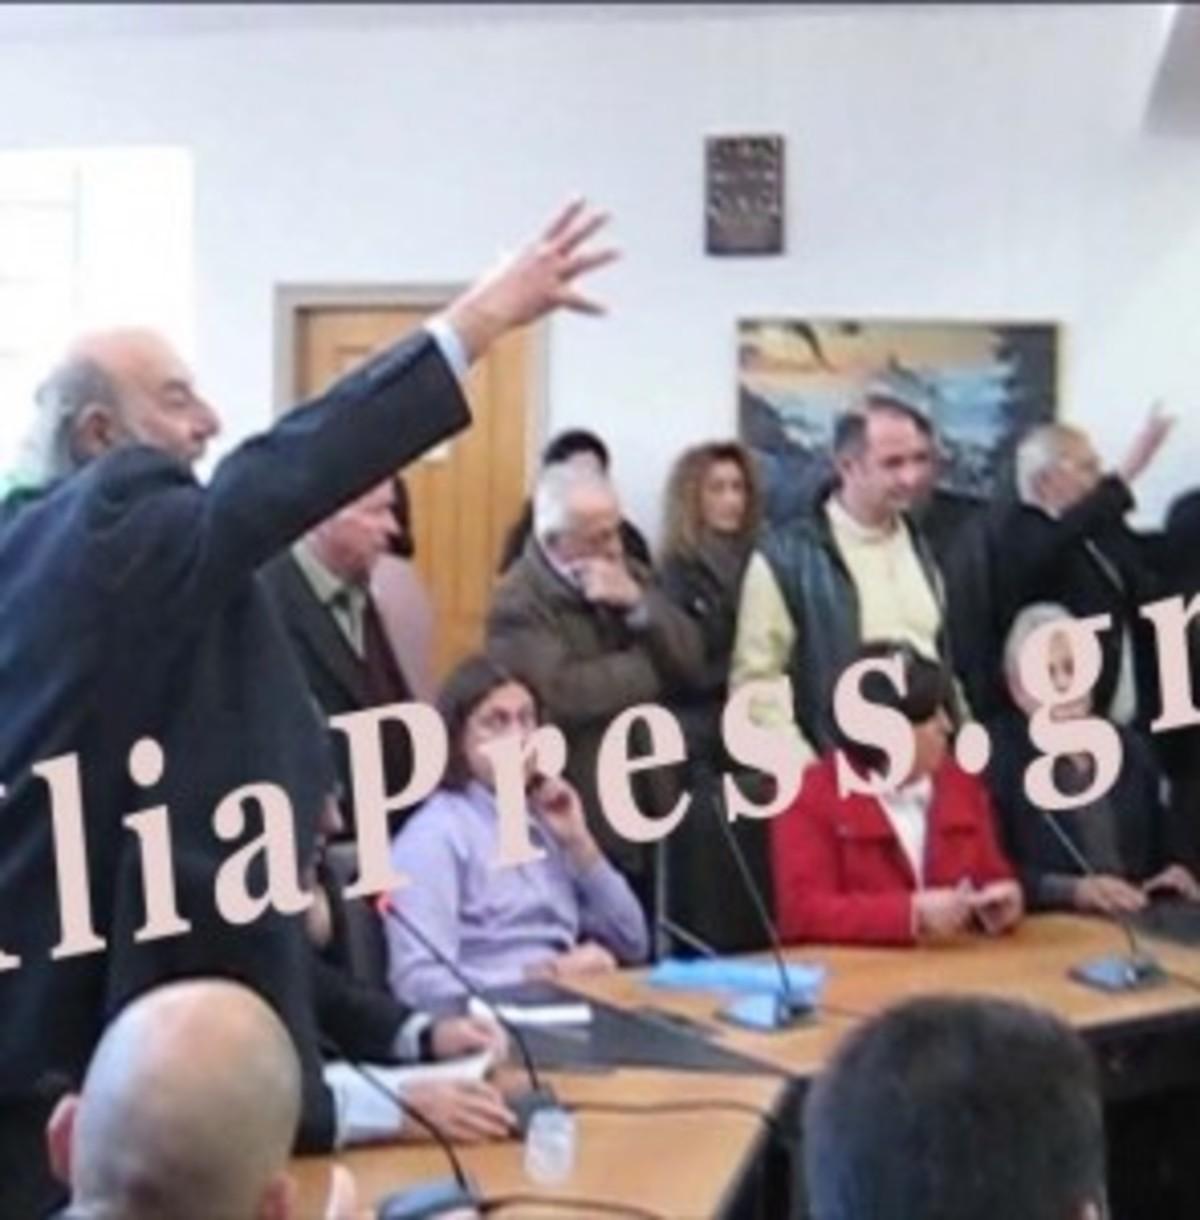 Ηλεία: Χαστούκια στο δημοτικό συμβούλιο της Ζαχάρως – Δείτε το βίντεο! | Newsit.gr